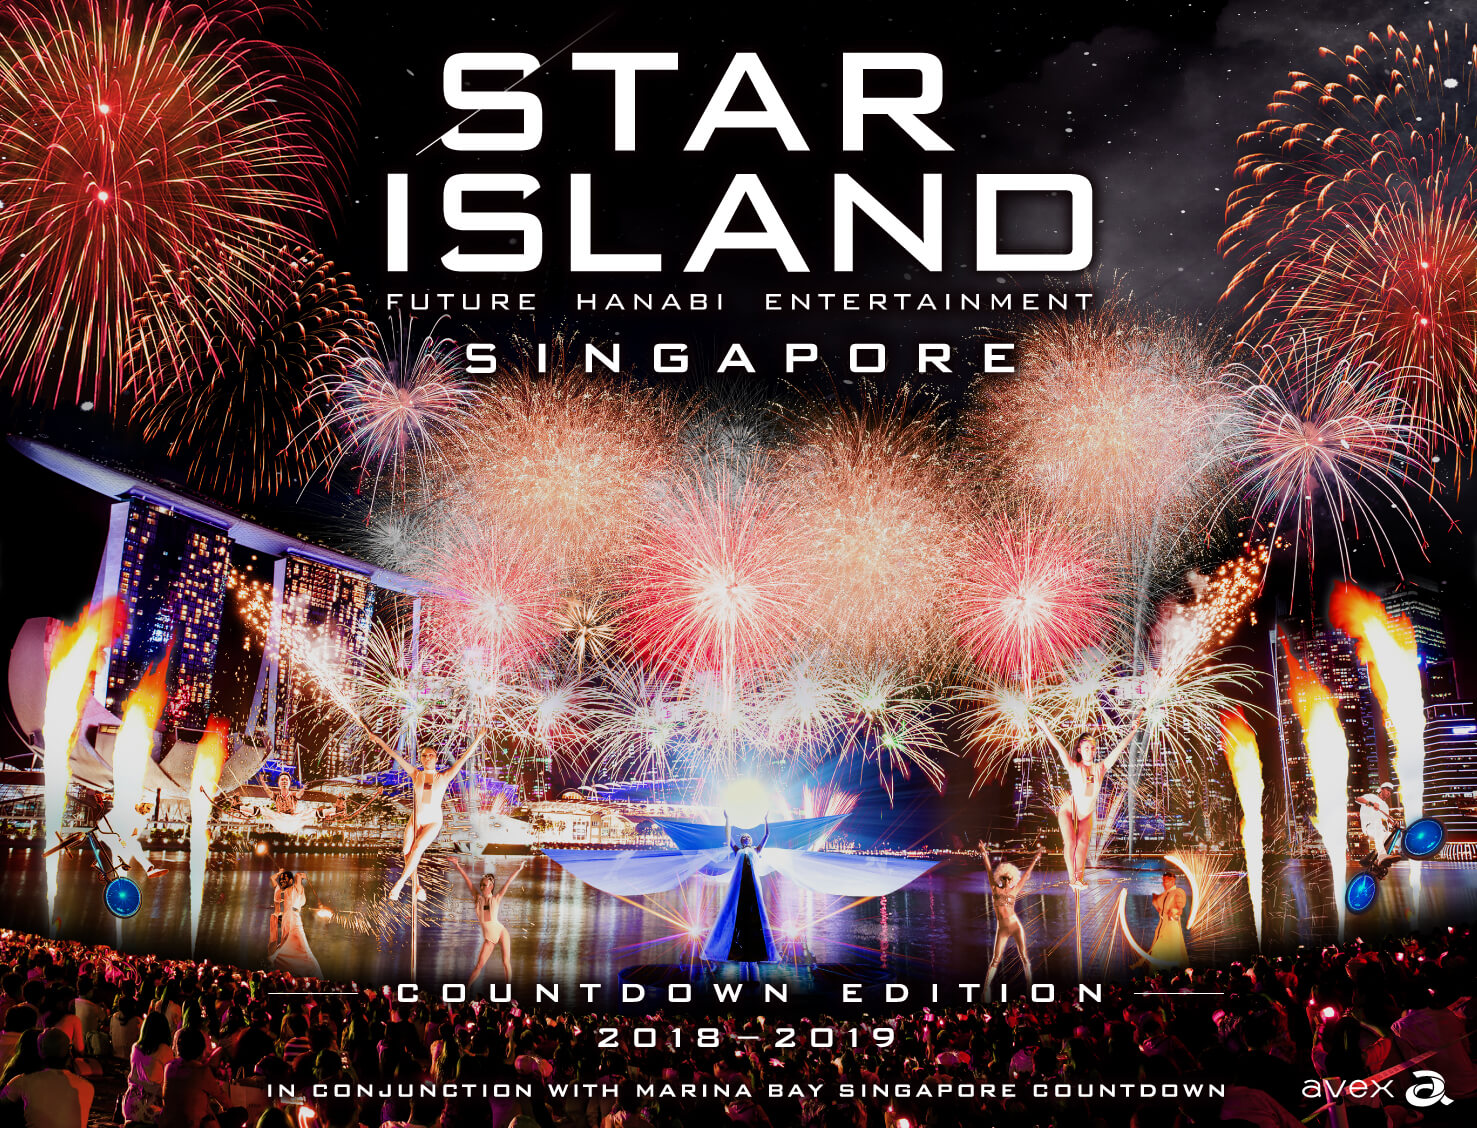 未來型煙火娛樂活動「STAR ISLAND」於新加坡登場 花火大會、